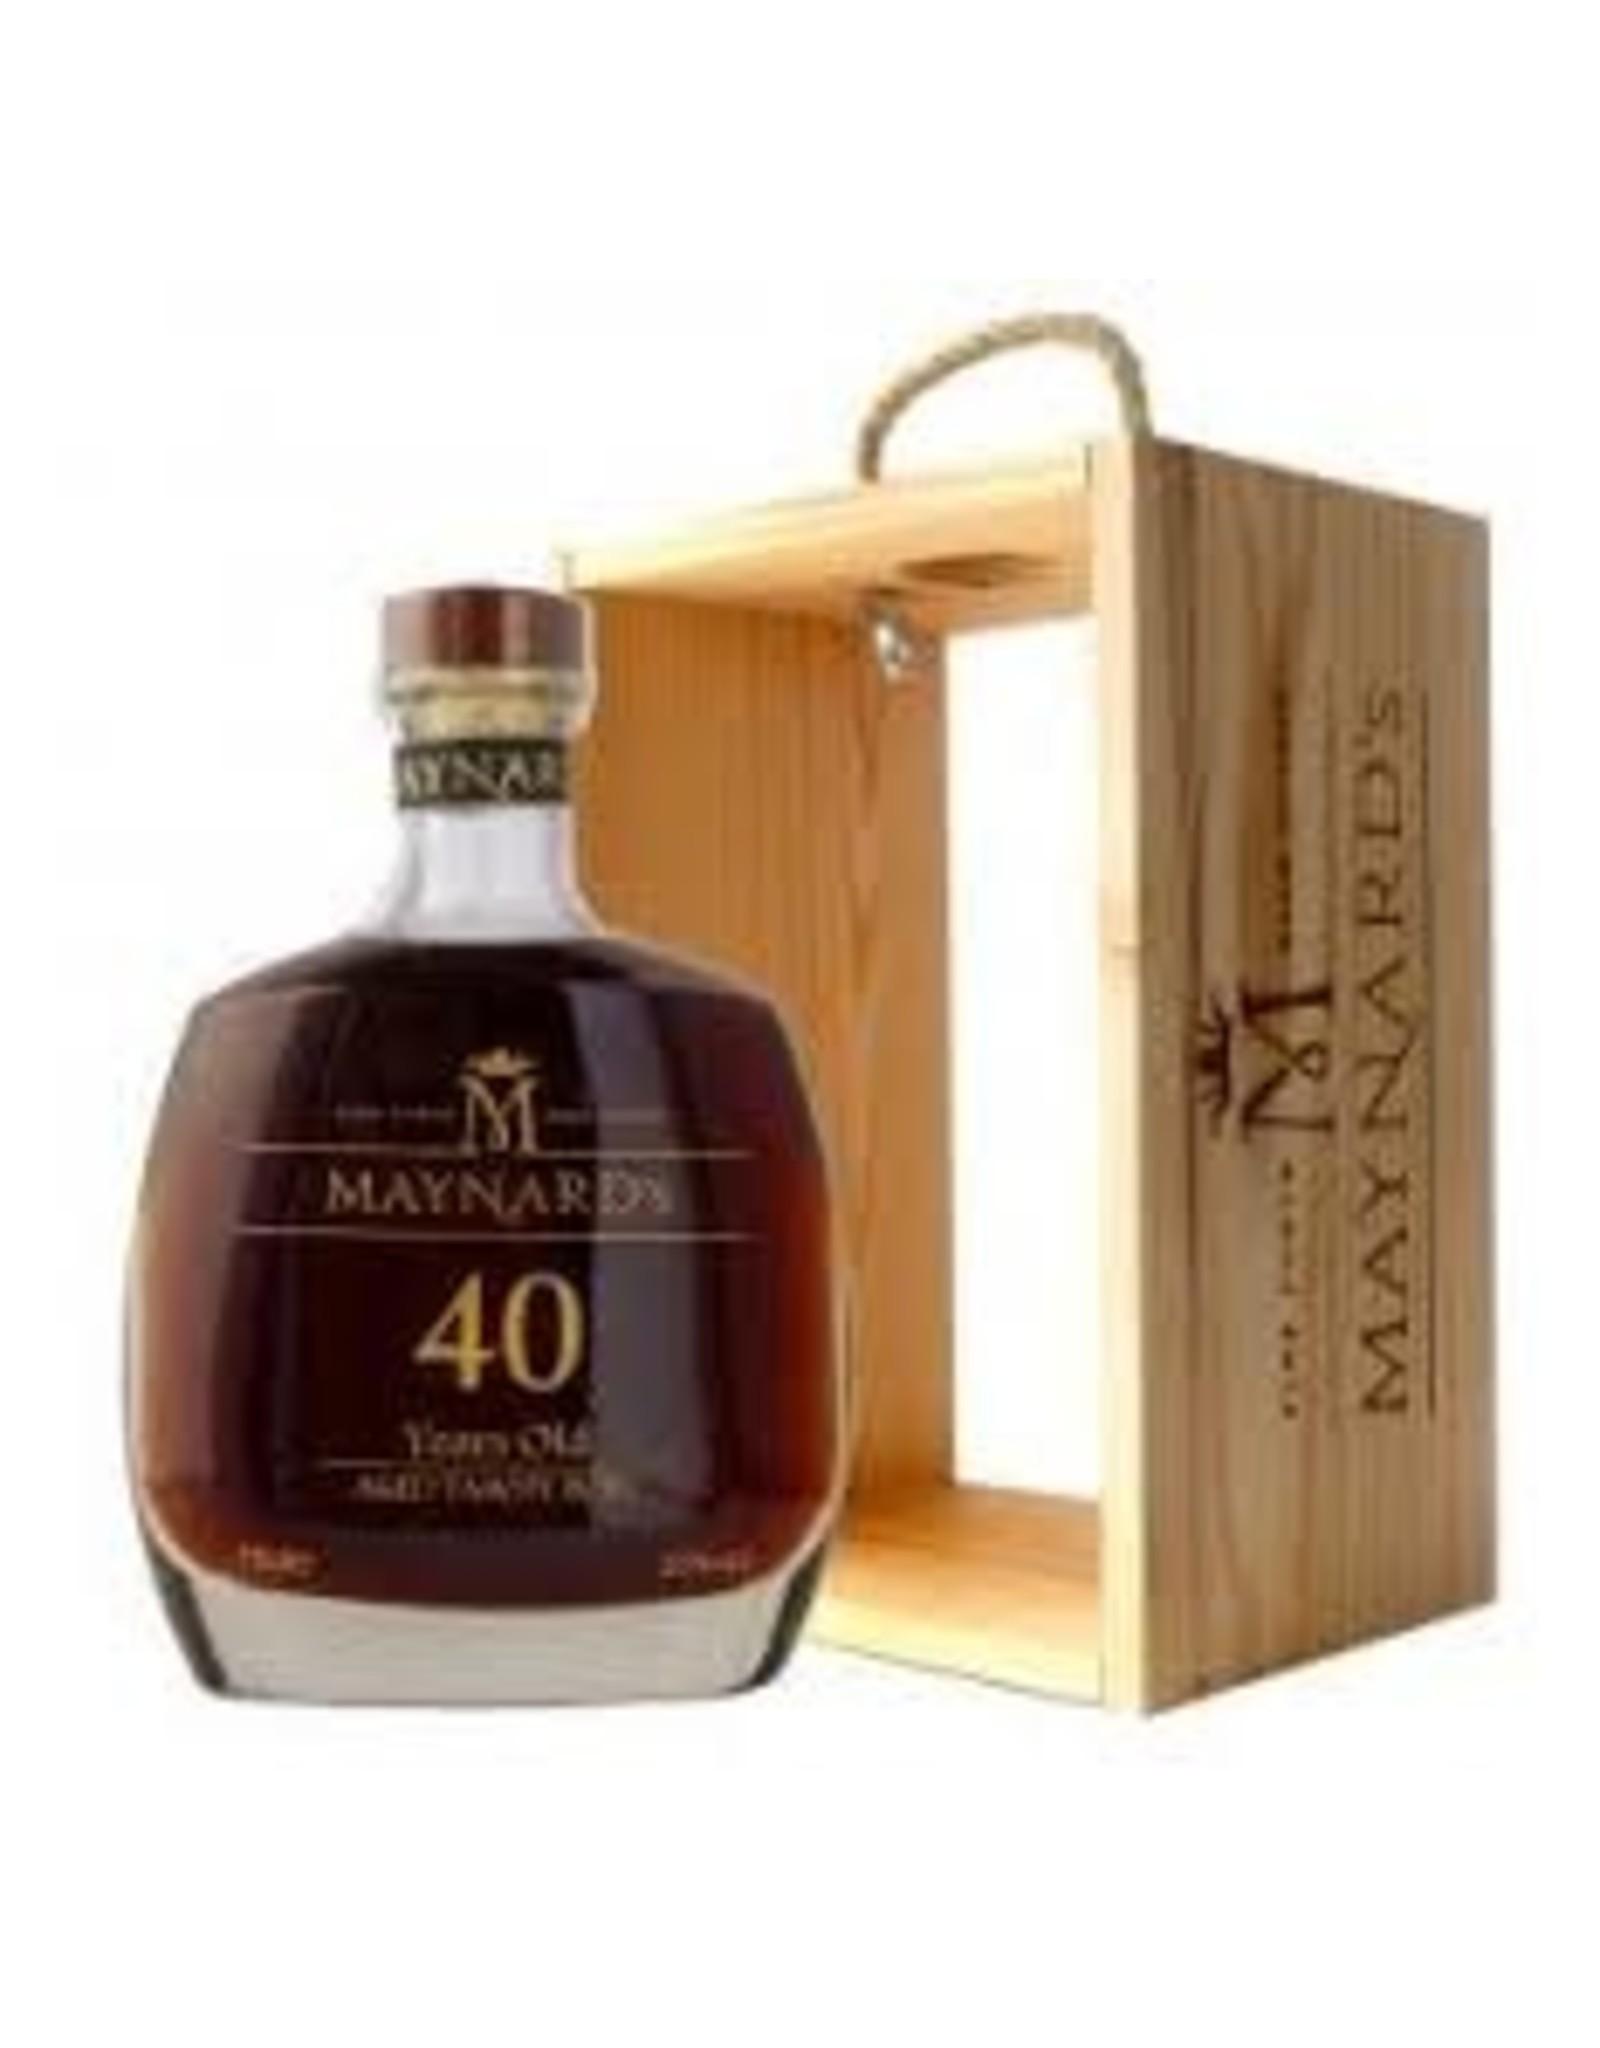 Maynard's 40 Year Tawny